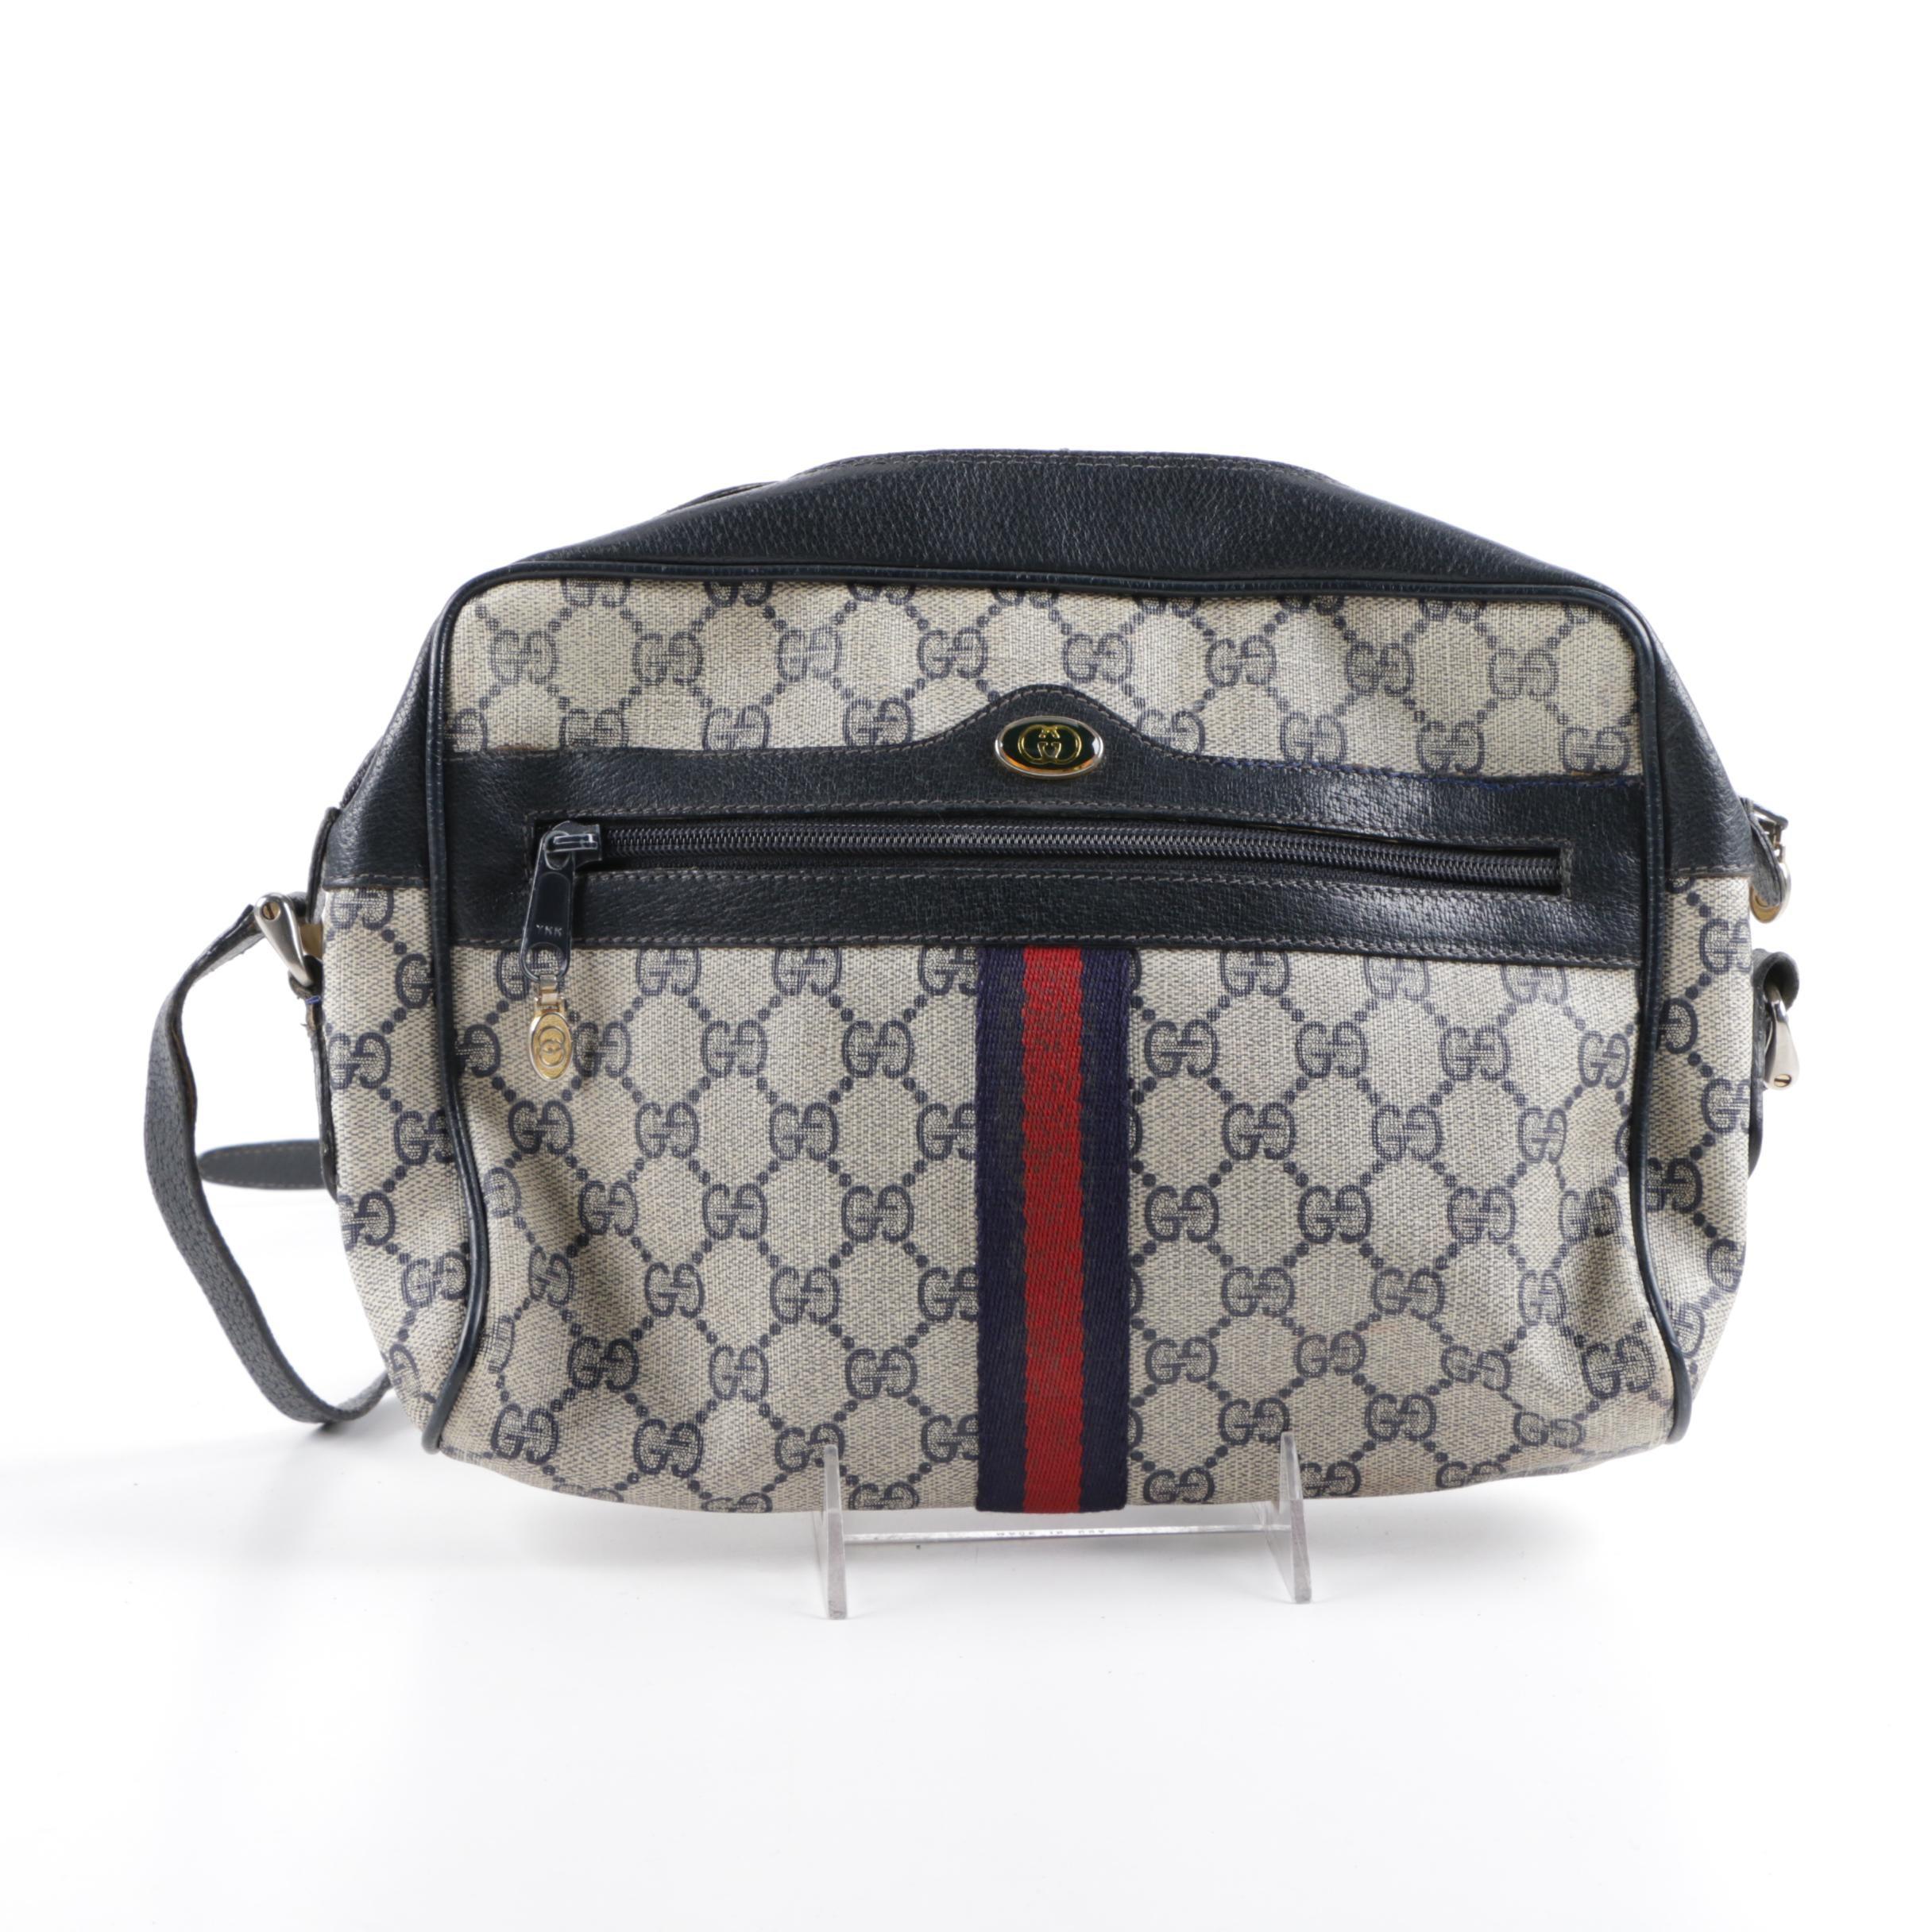 Vintage Gucci Supreme Canvas Navy Blue Crossbody Handbag